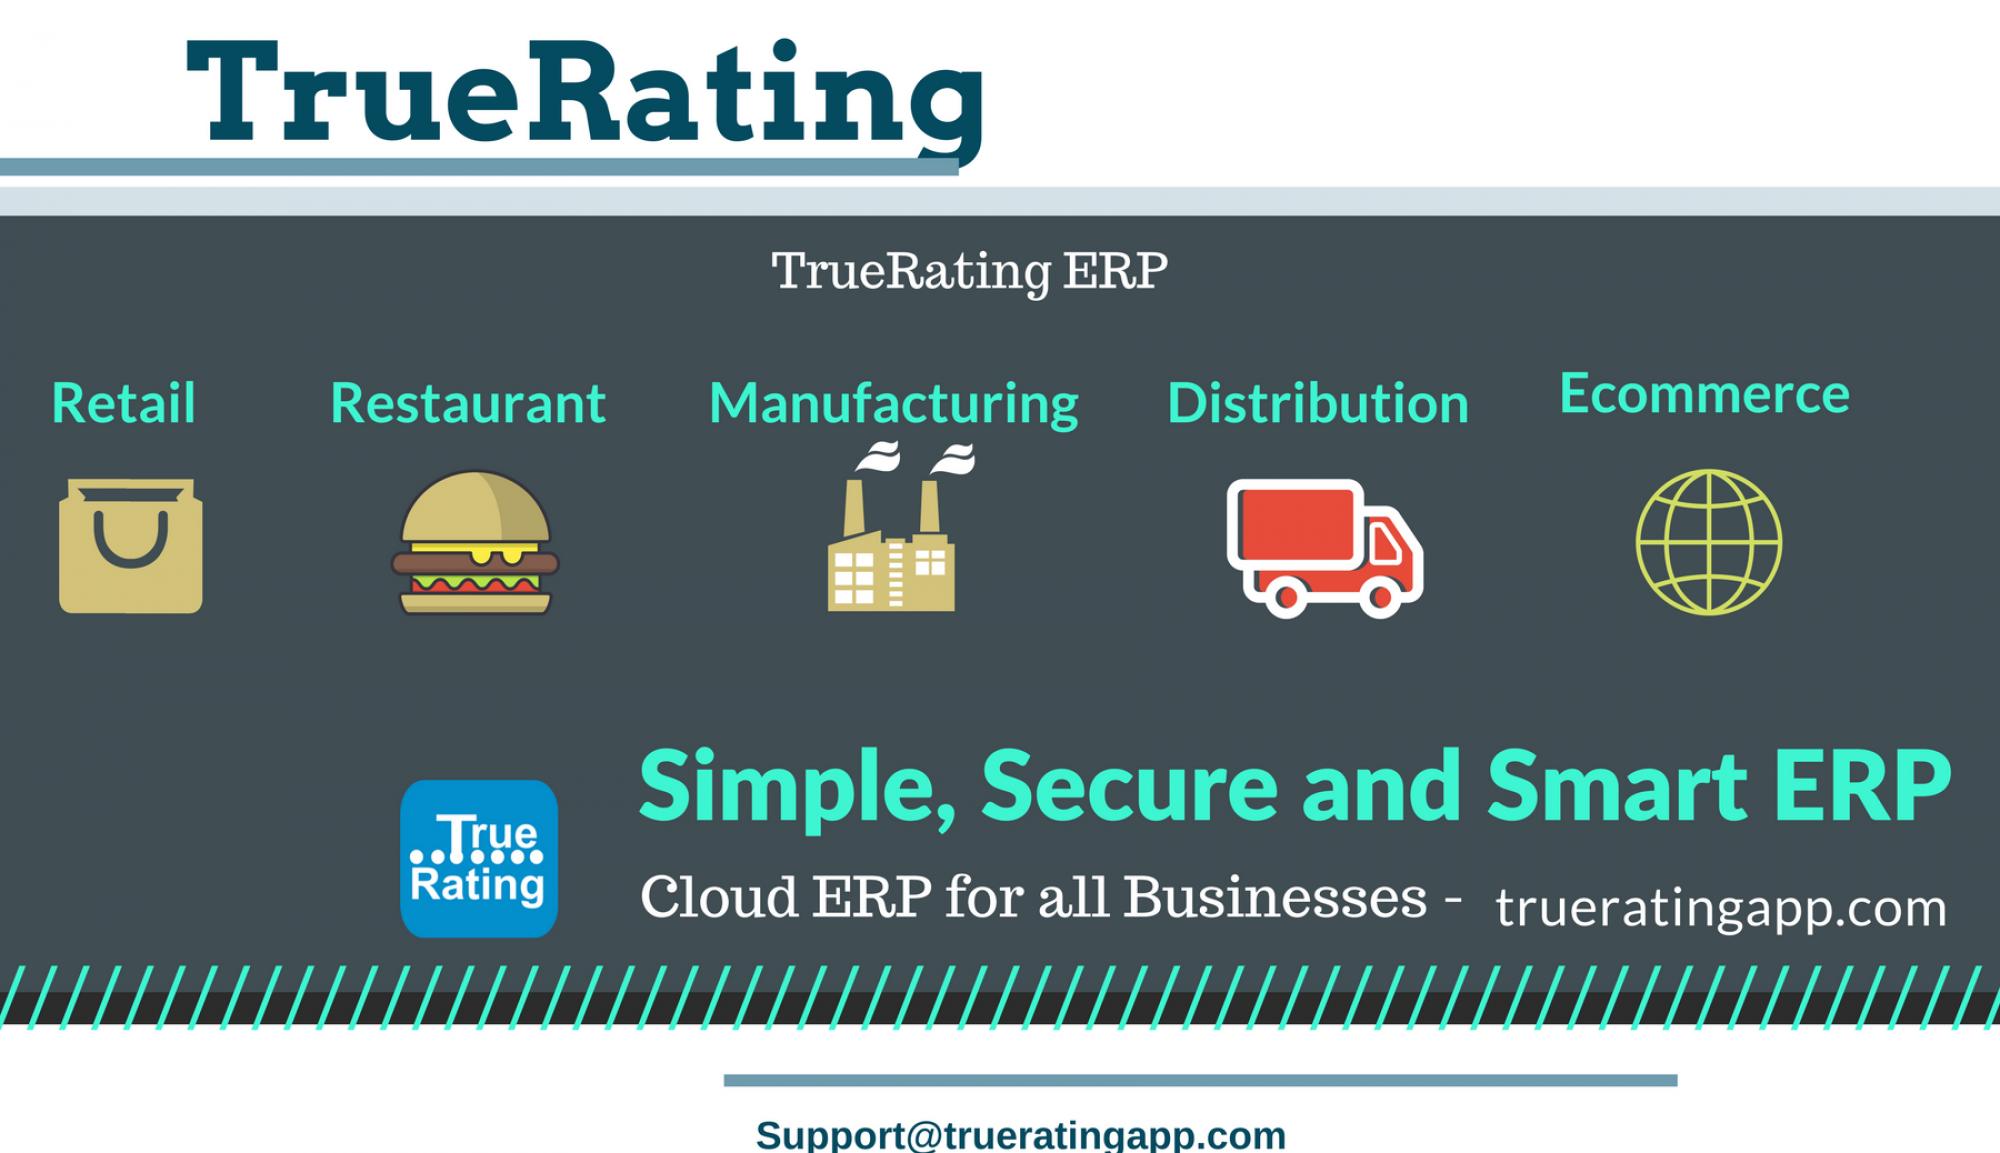 TrueRating-ERP